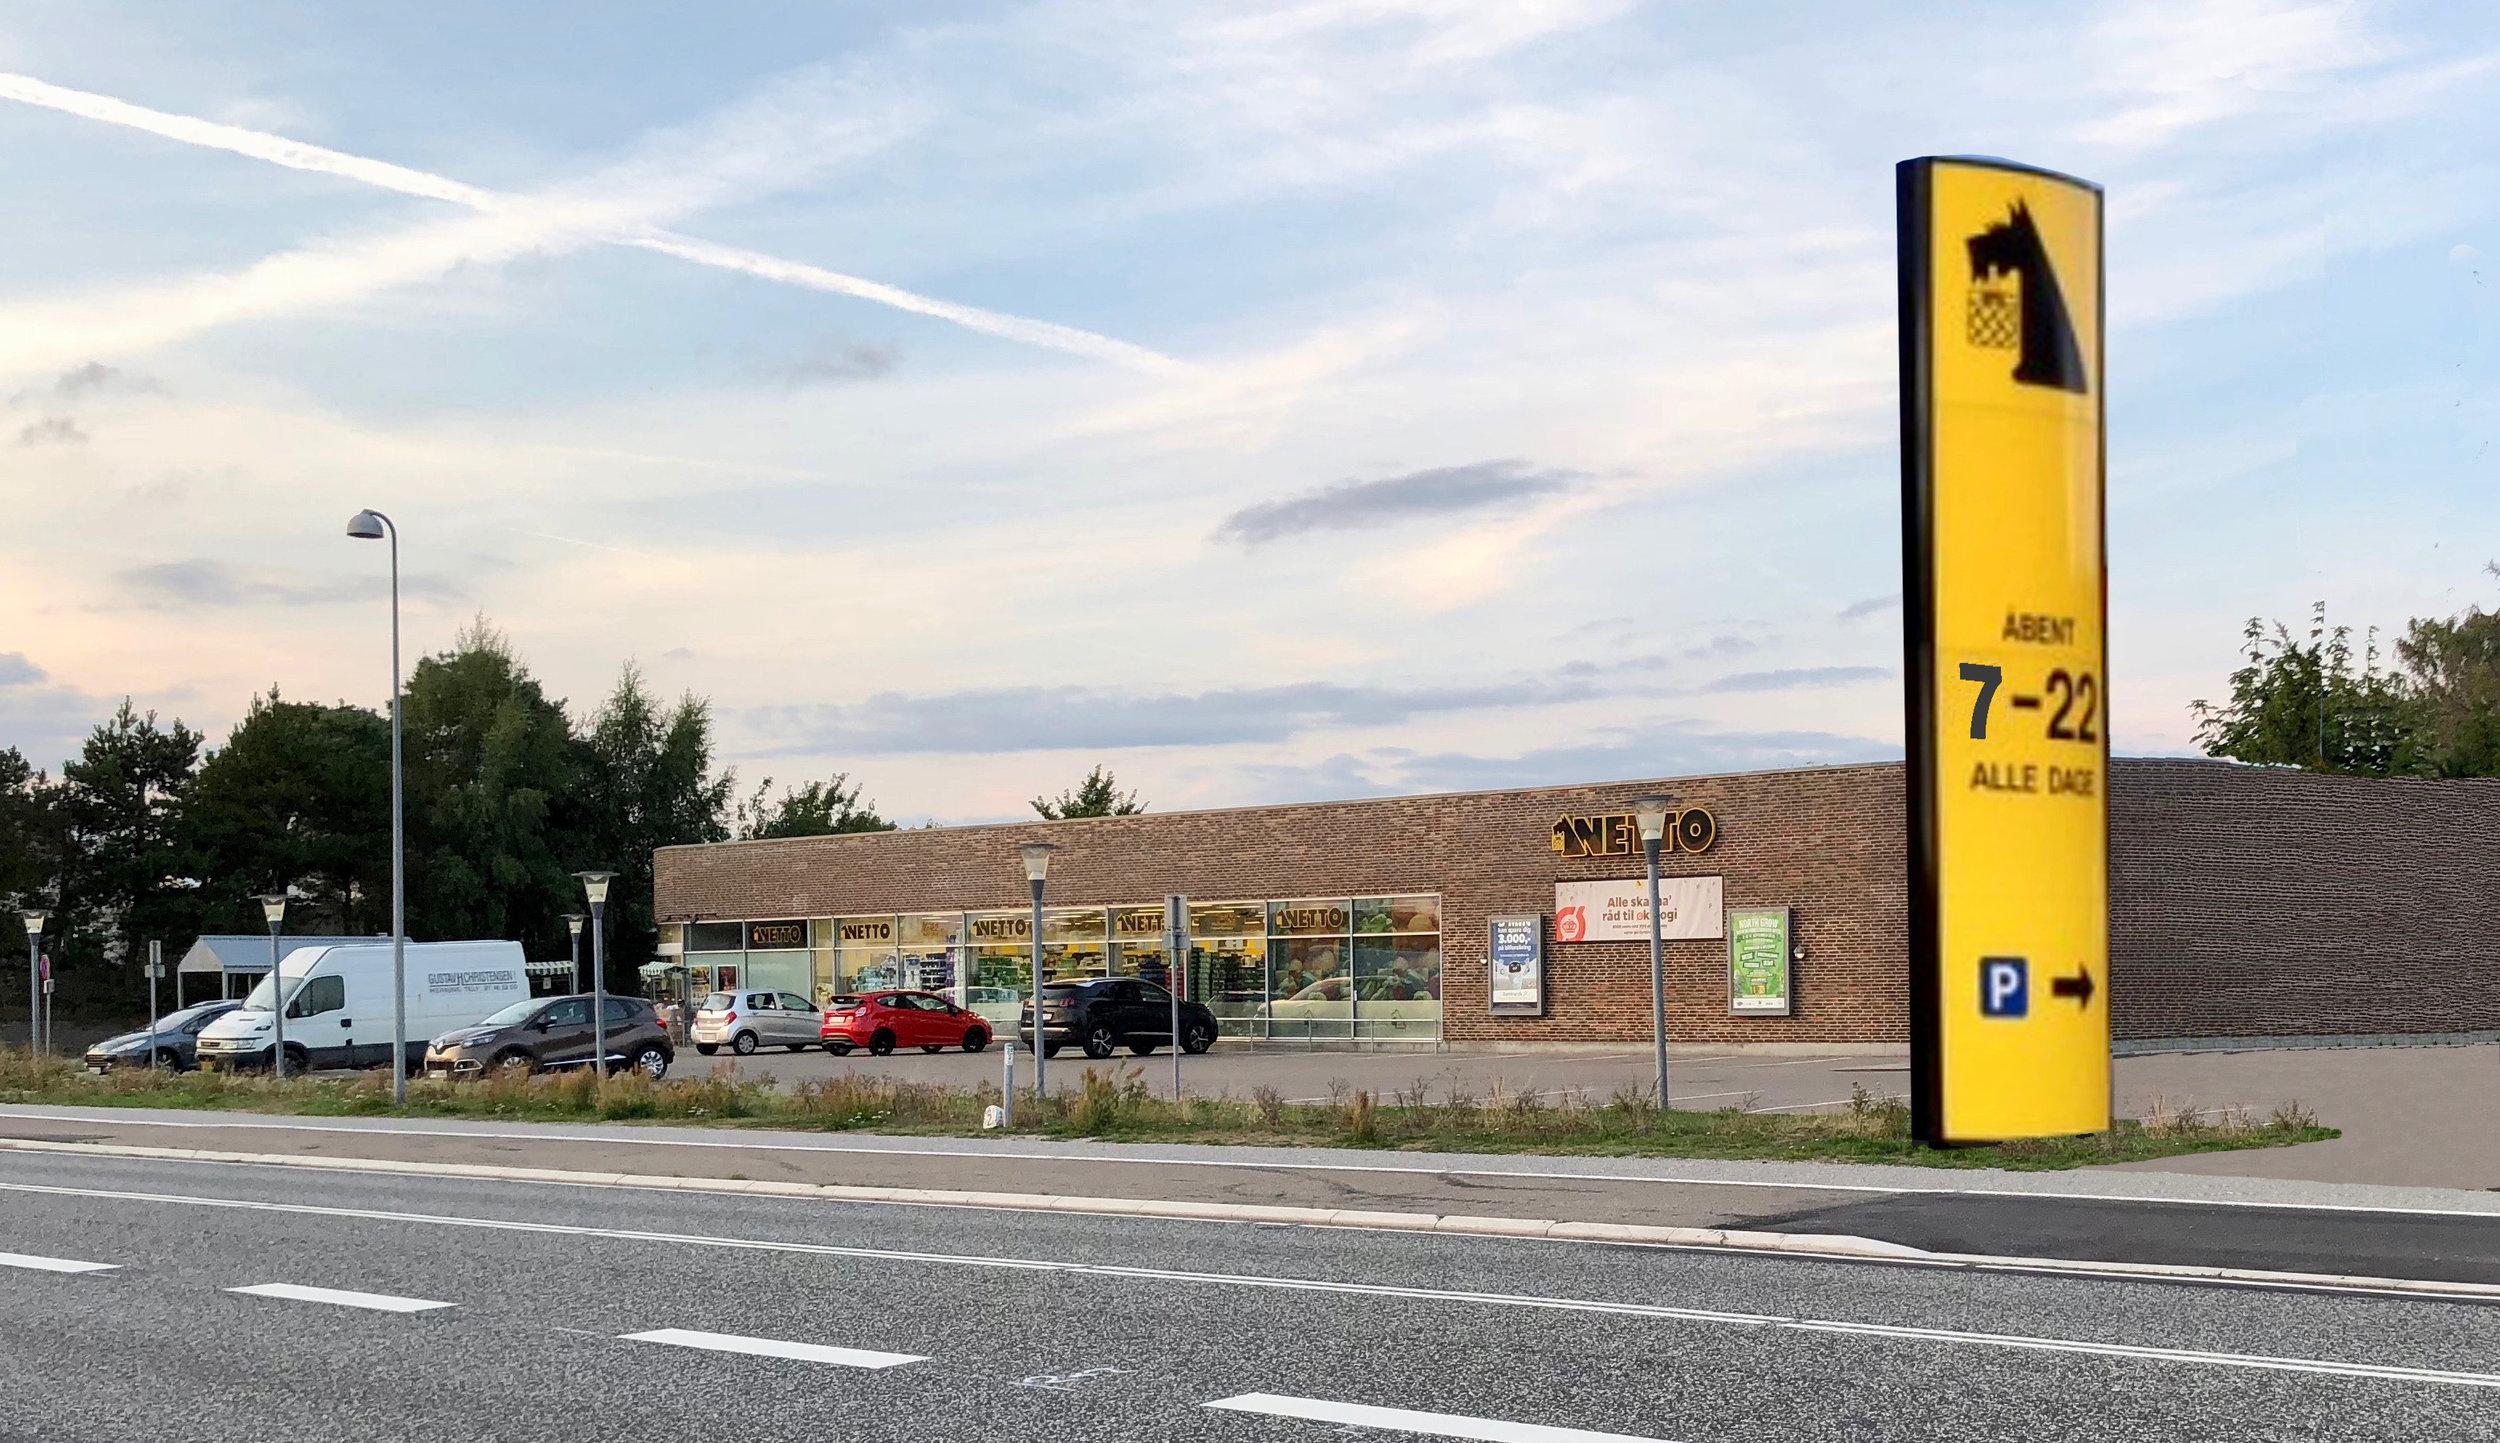 Ved den nye indkørsel direkte fra Kongevejen havde Netto håbet på at få lov til at opstille en 6 meter høj skiltepylon -men fik 'nej'. Manipuleret foto:AOB